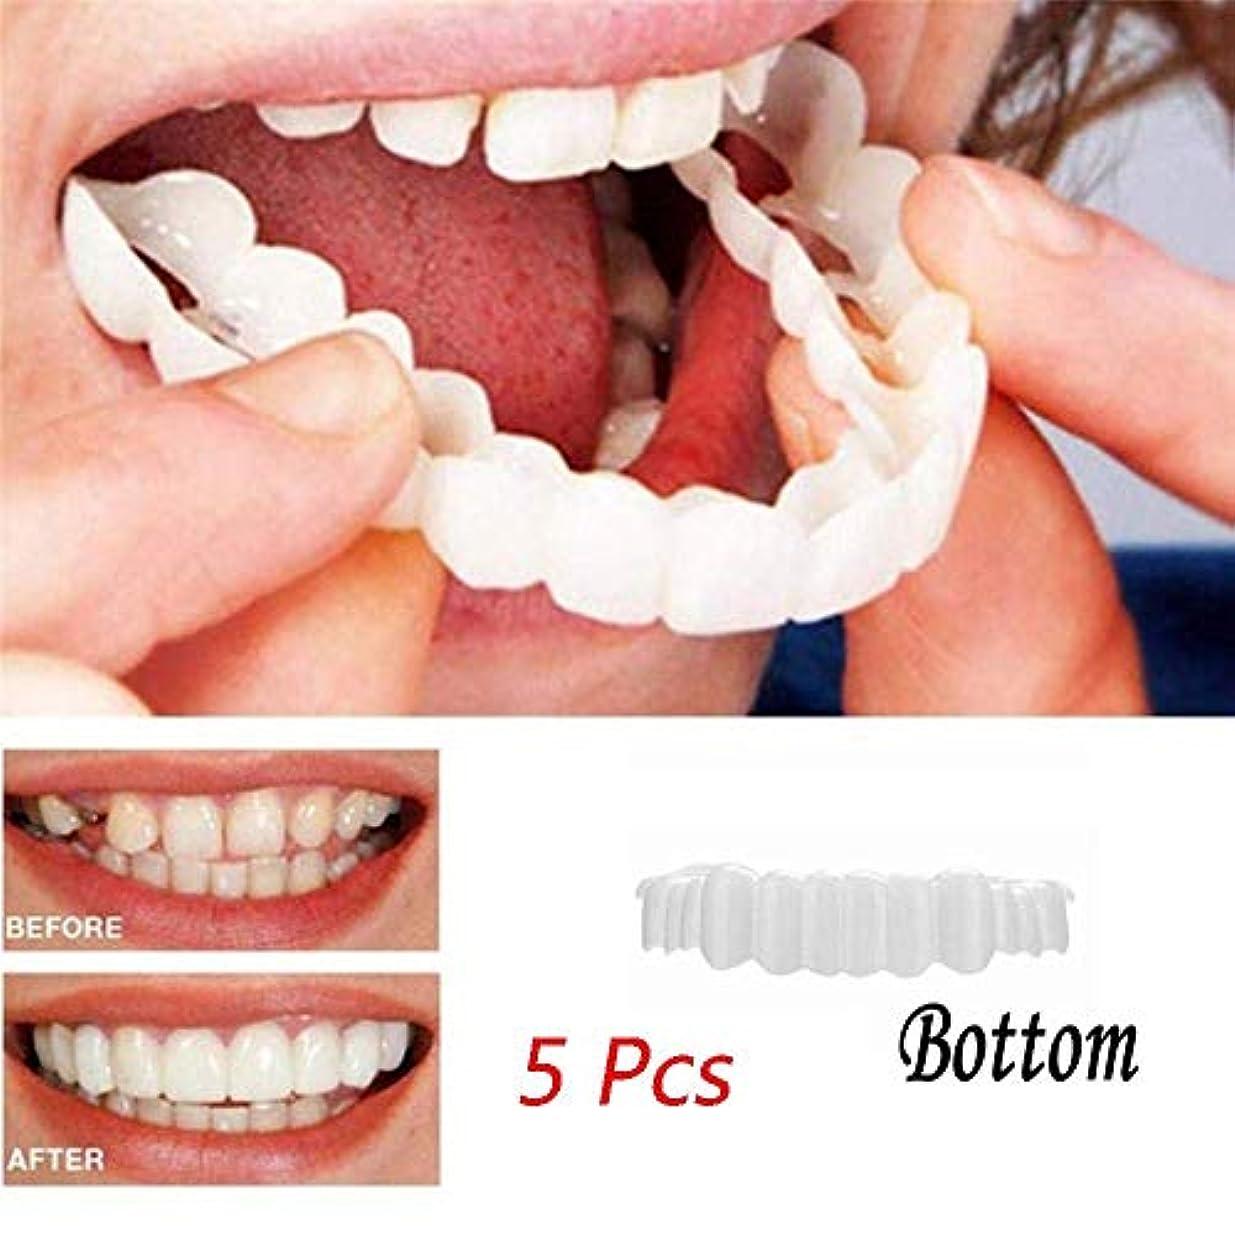 あいさつ乗り出すスペア突き板歯5ピースインスタントスマイル歯ホワイトニング歯スナップ化粧品義歯底化粧品突き板ワンサイズフィット最も快適な下突き板